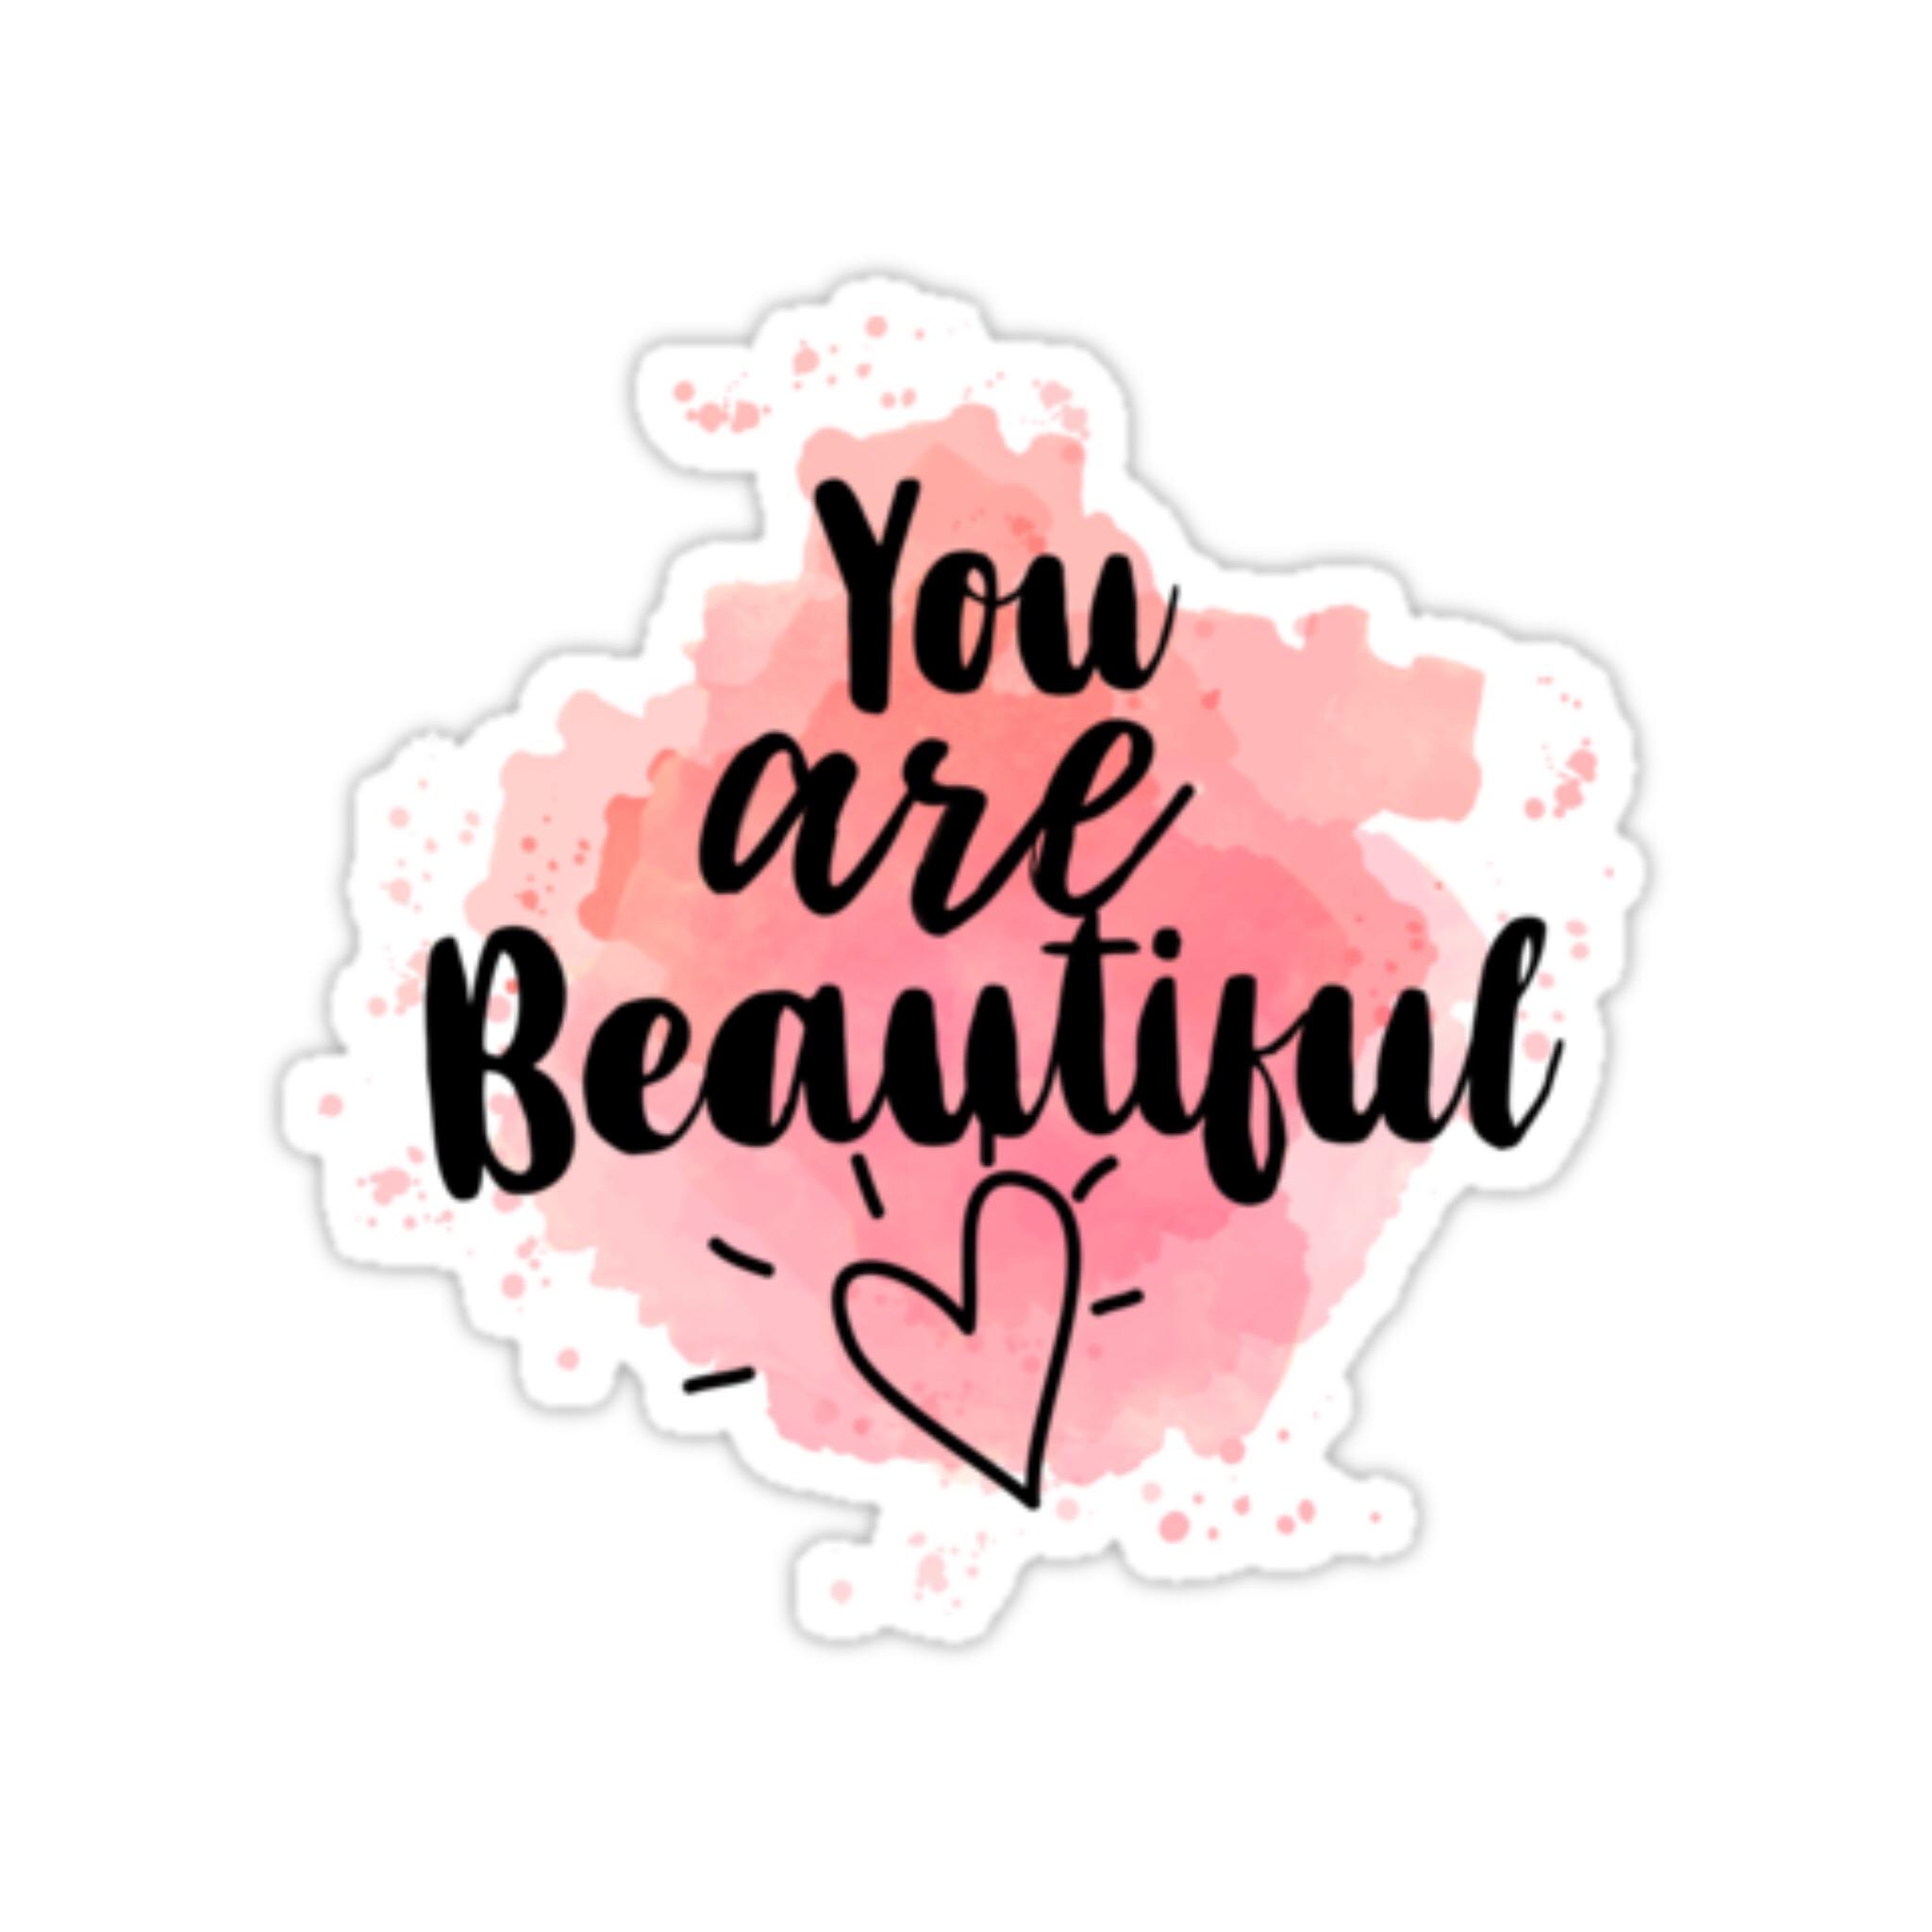 استیکر اپ تاپ طرح you are beautiful کد 201